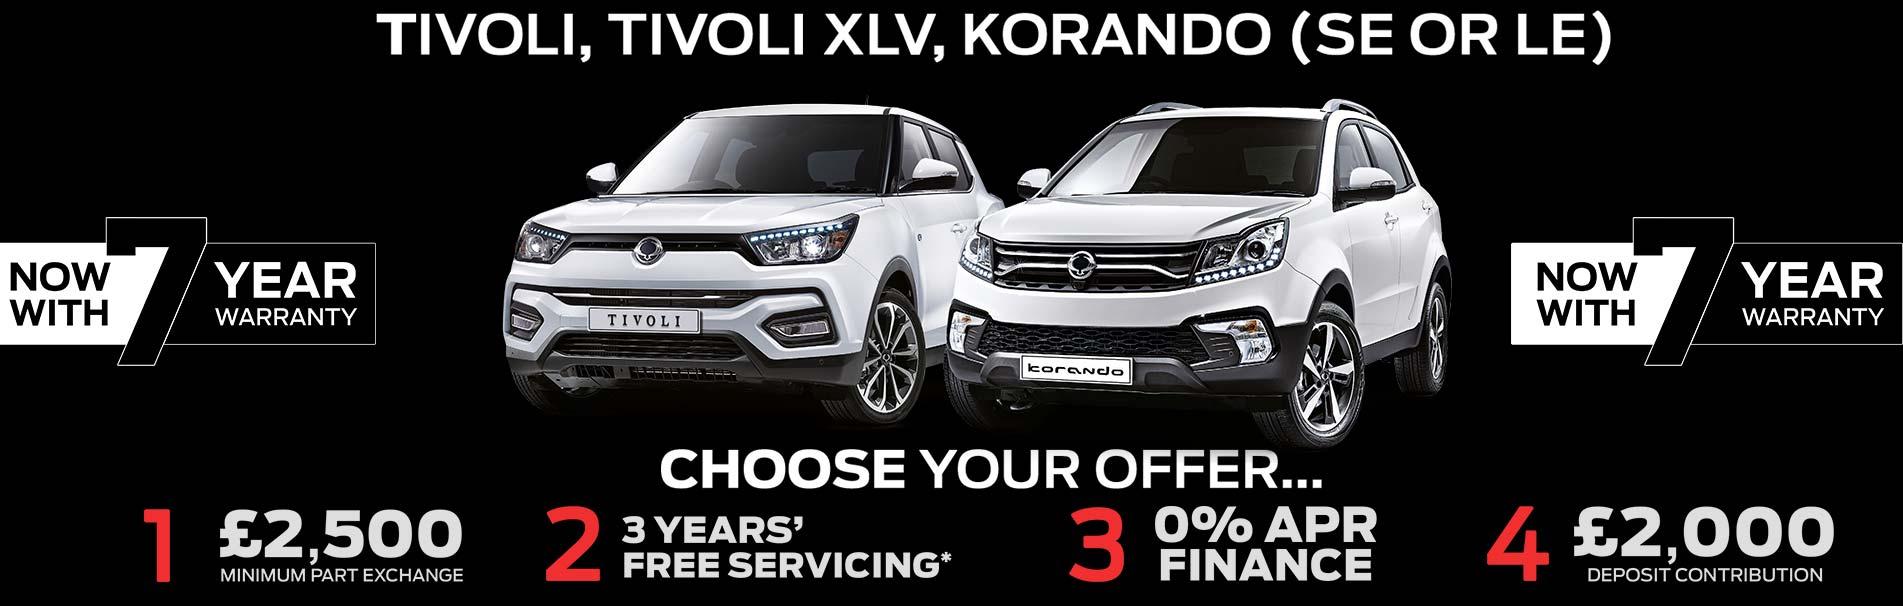 choose-your-ssangyong-offer-zero-percent-minimum-part-exchange-sli